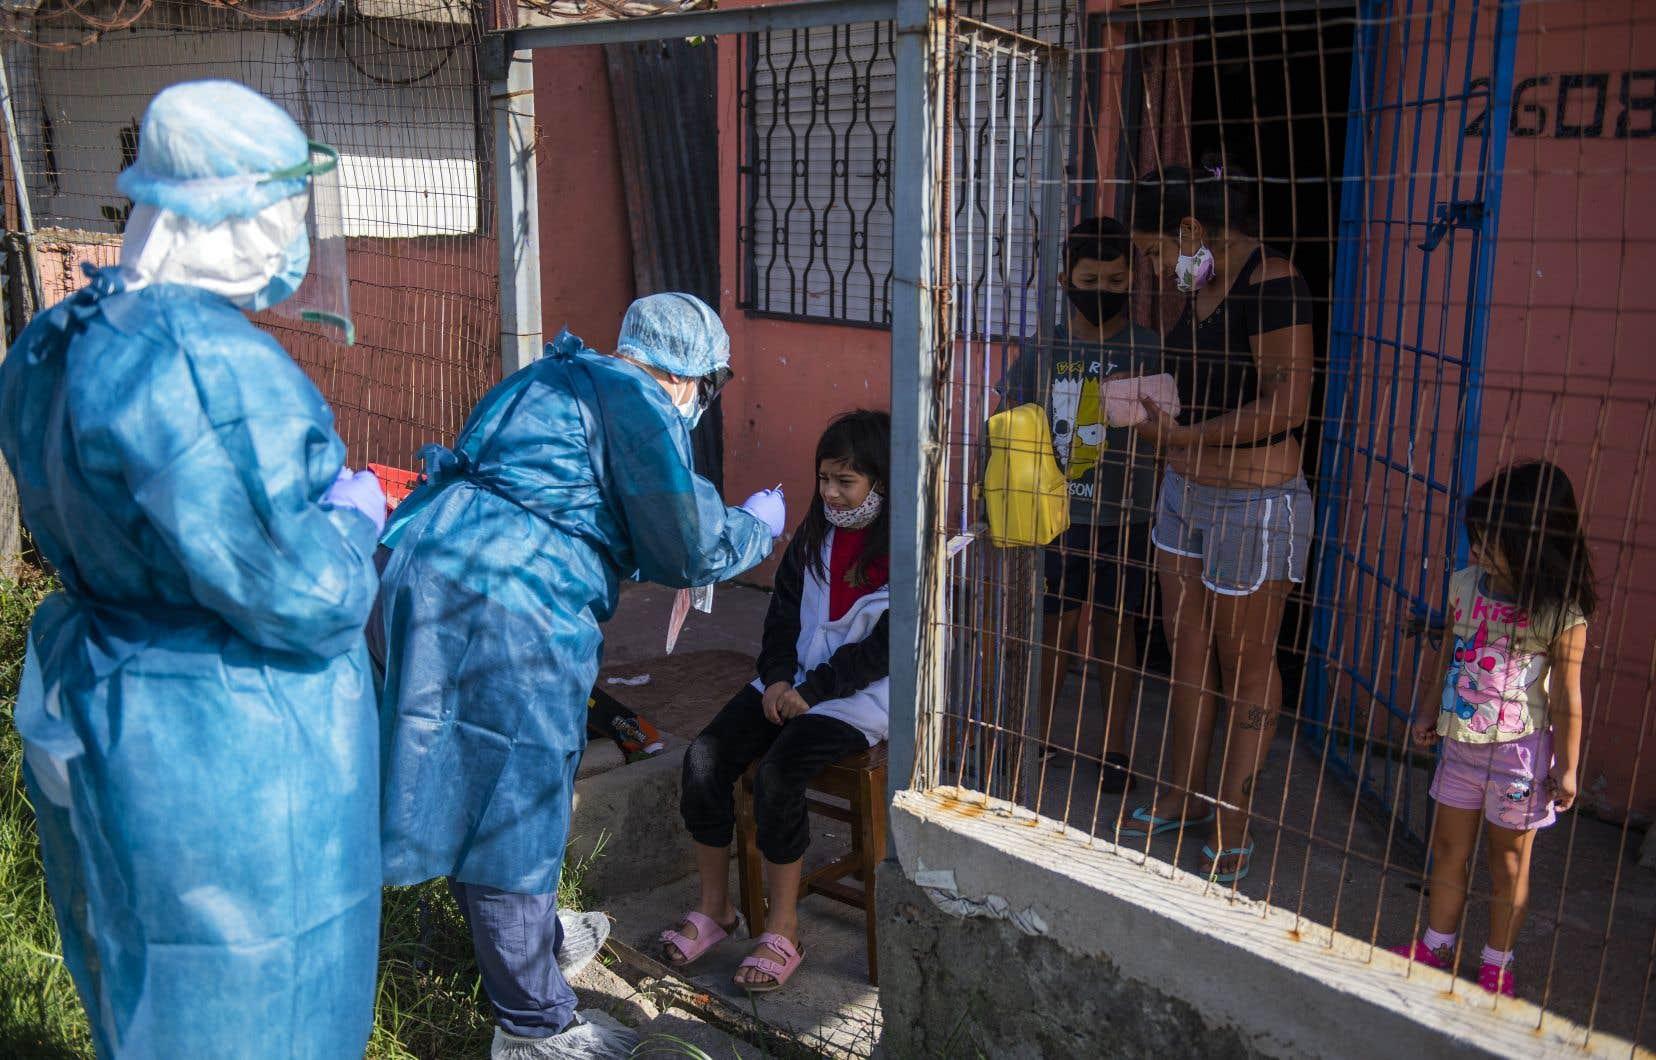 Selon le décompte de l'AFP établi sur la base de chiffres officiels, au cours des 14 derniers jours, l'Uruguay a enregistré près de 1370 cas pour 100000 habitants, le plus haut taux dans le monde pour cette période.